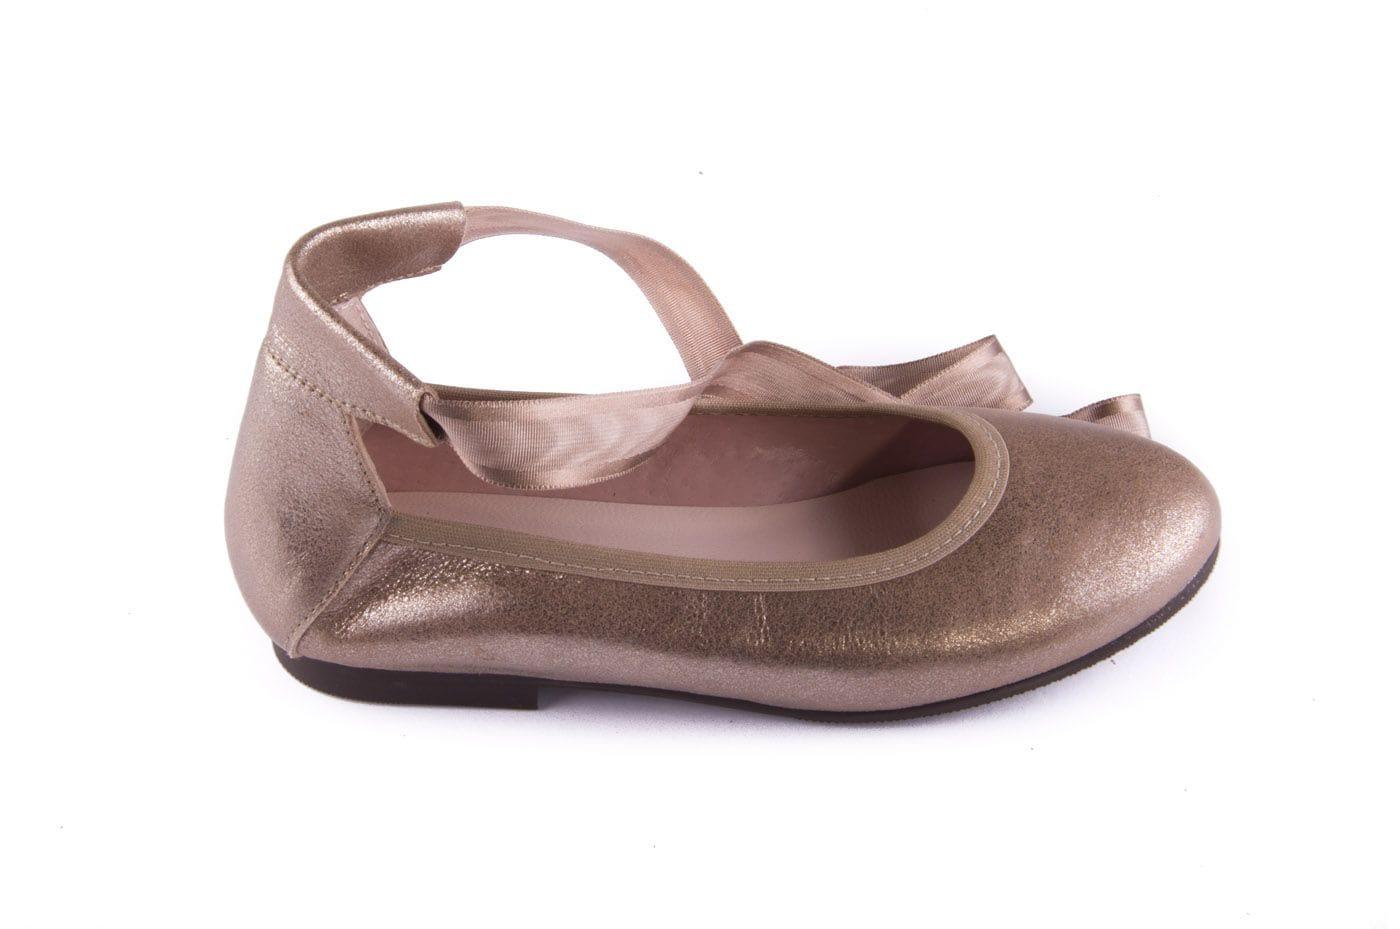 a633e79b Comprar zapato tipo JOVEN NIÑA estilo MERCEDES COLOR CAMEL ...